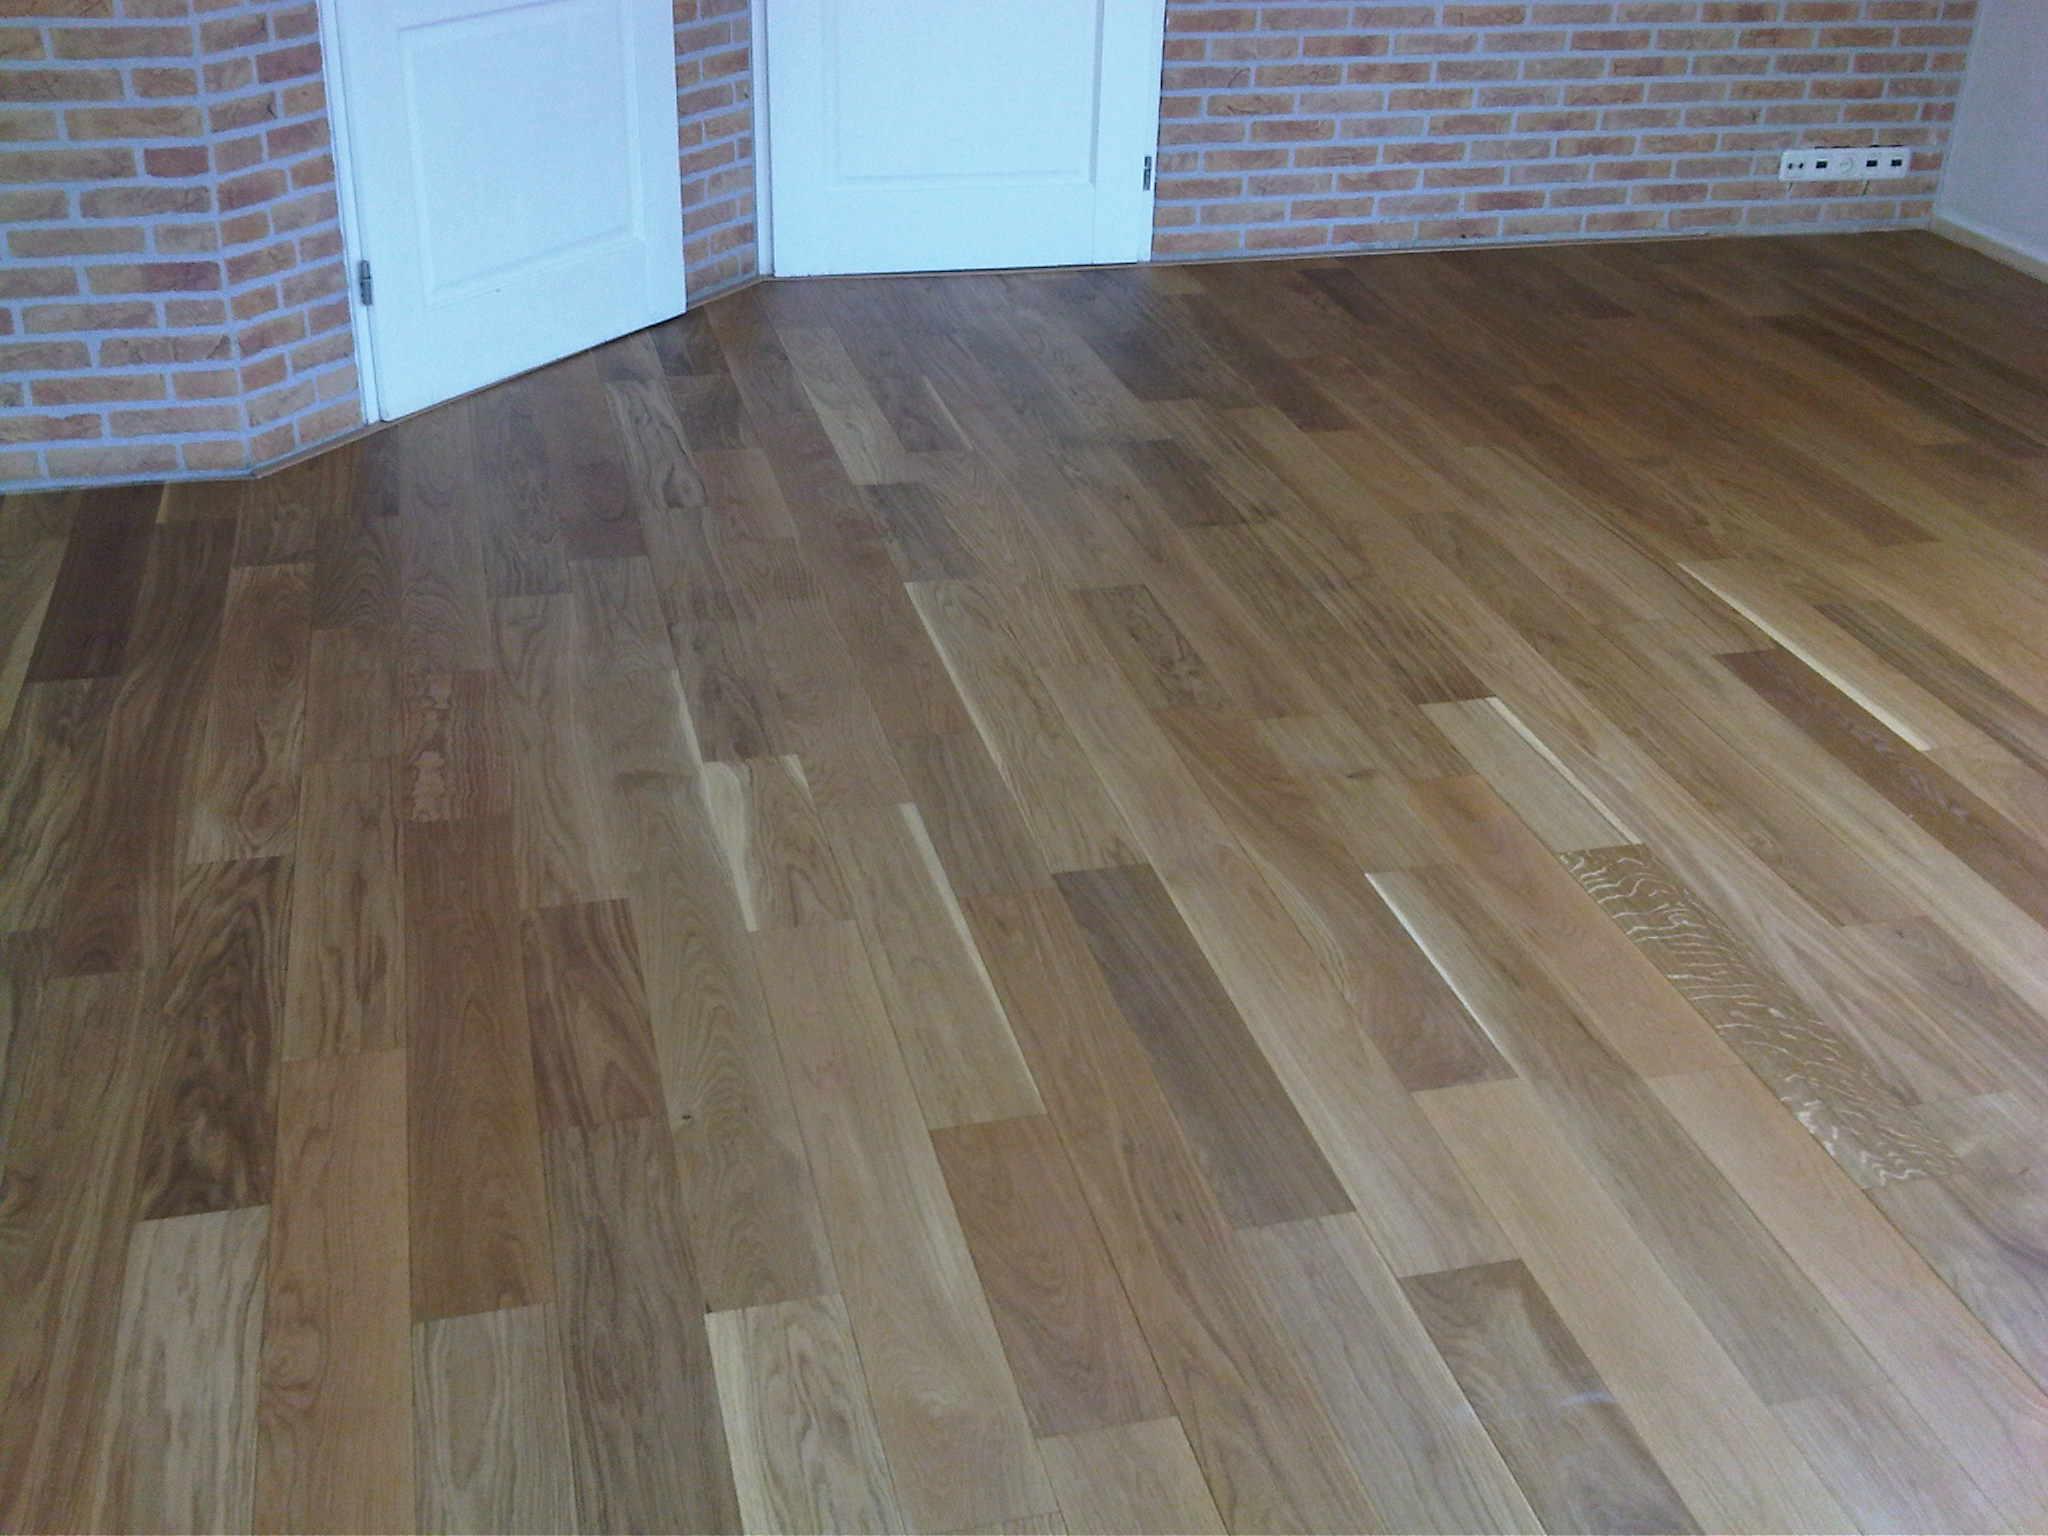 Vers houten vloer polijsten badkamermeubels ontwerpen